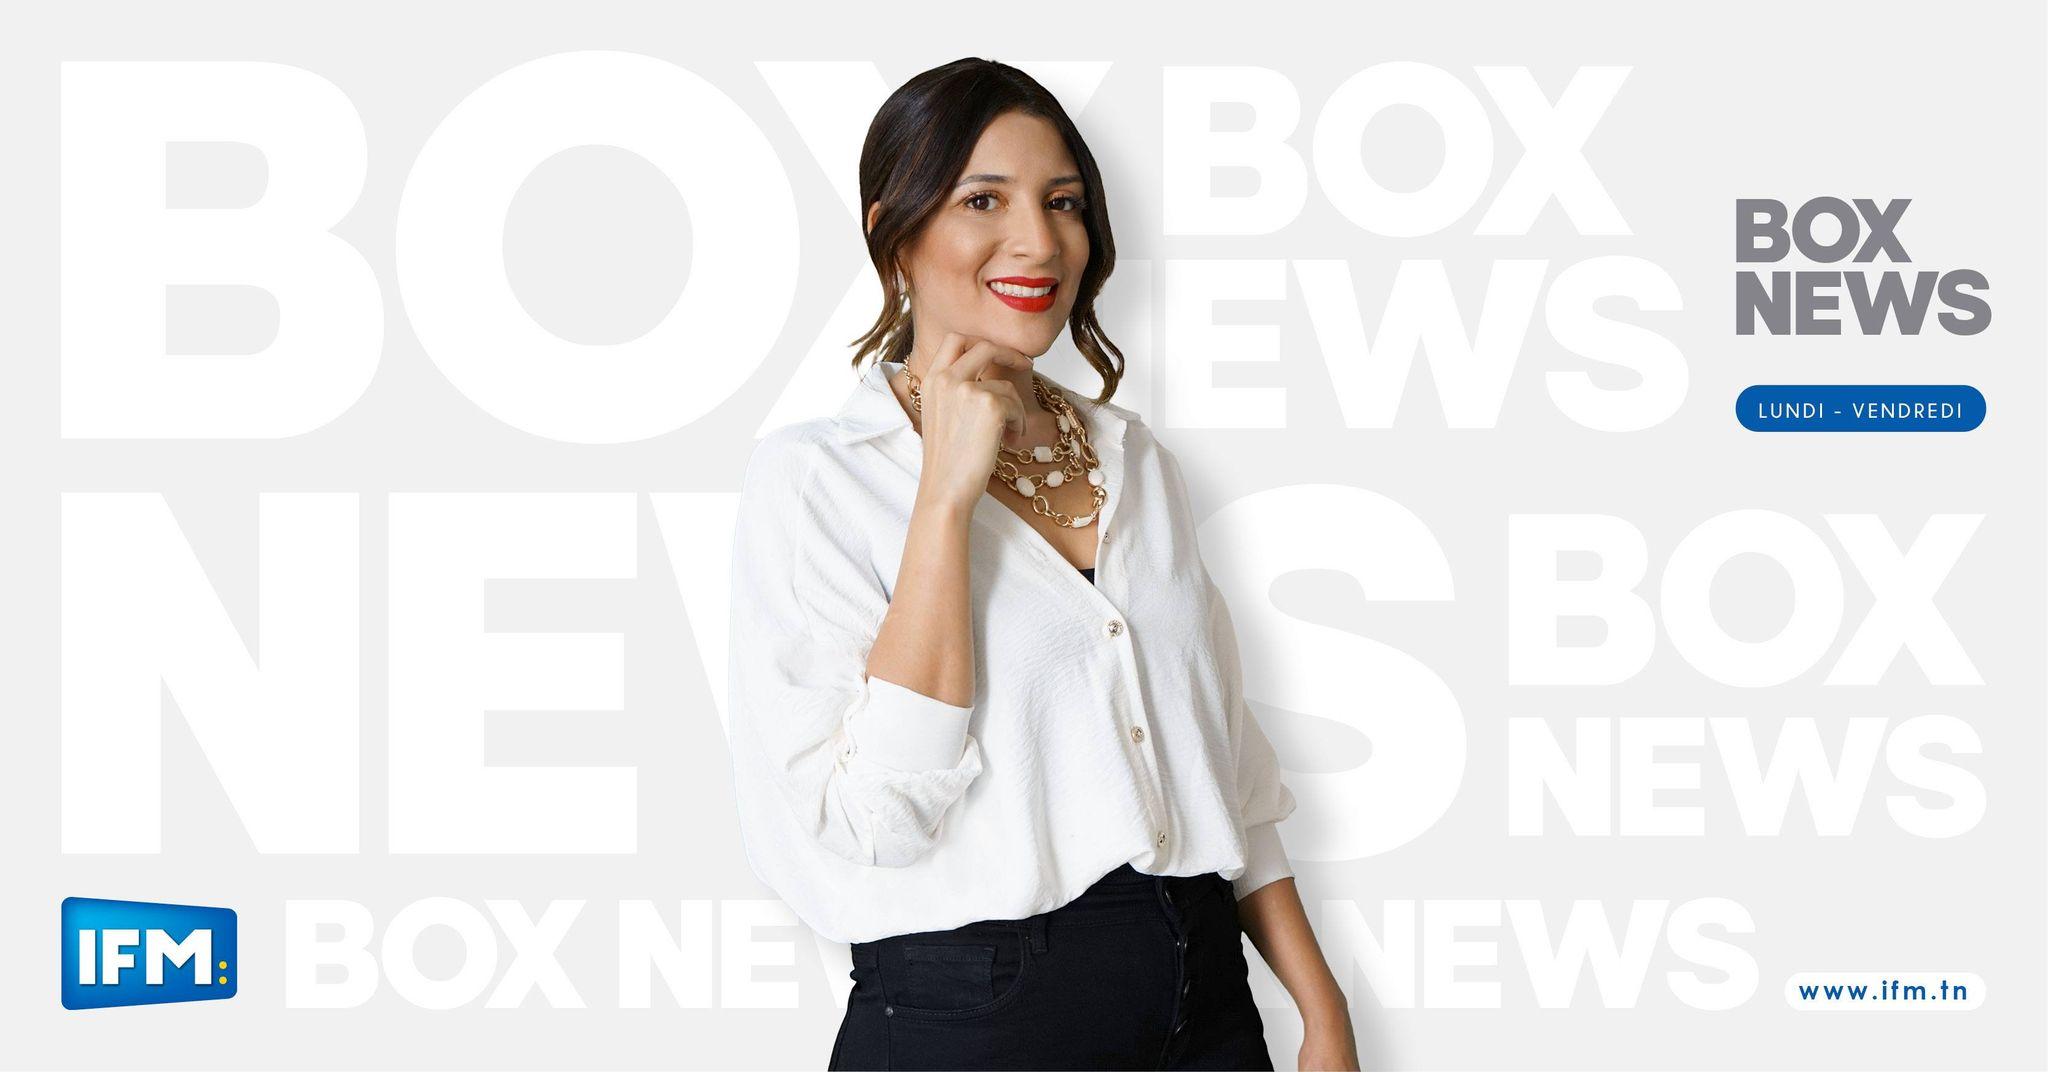 Box News: ما حقيقة زواج ليلى بن علي من أمير سعودي؟